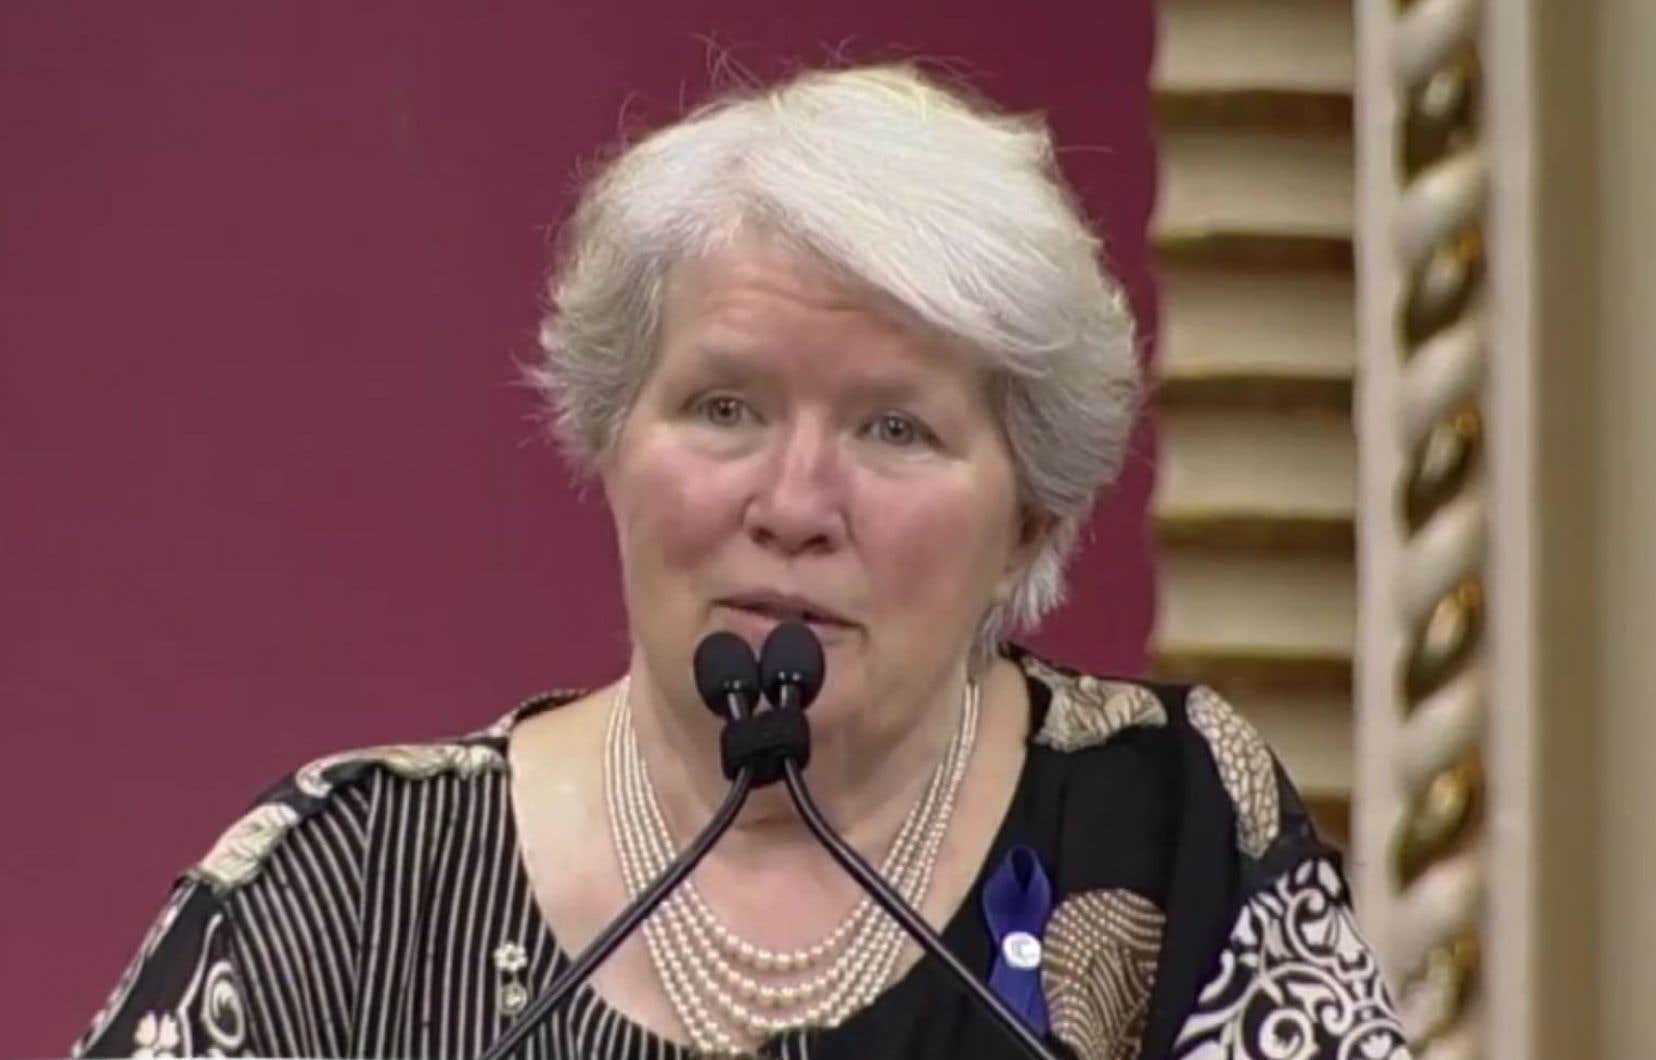 Selon l'auteur, Gisèle Lamoureux appartenait à la chevalerie des temps modernes, celle qui se bat pour sauver la terre. Sur la photo, on l'aperçoit lors de la cérémonie de remise des Prix du Québec 2015.